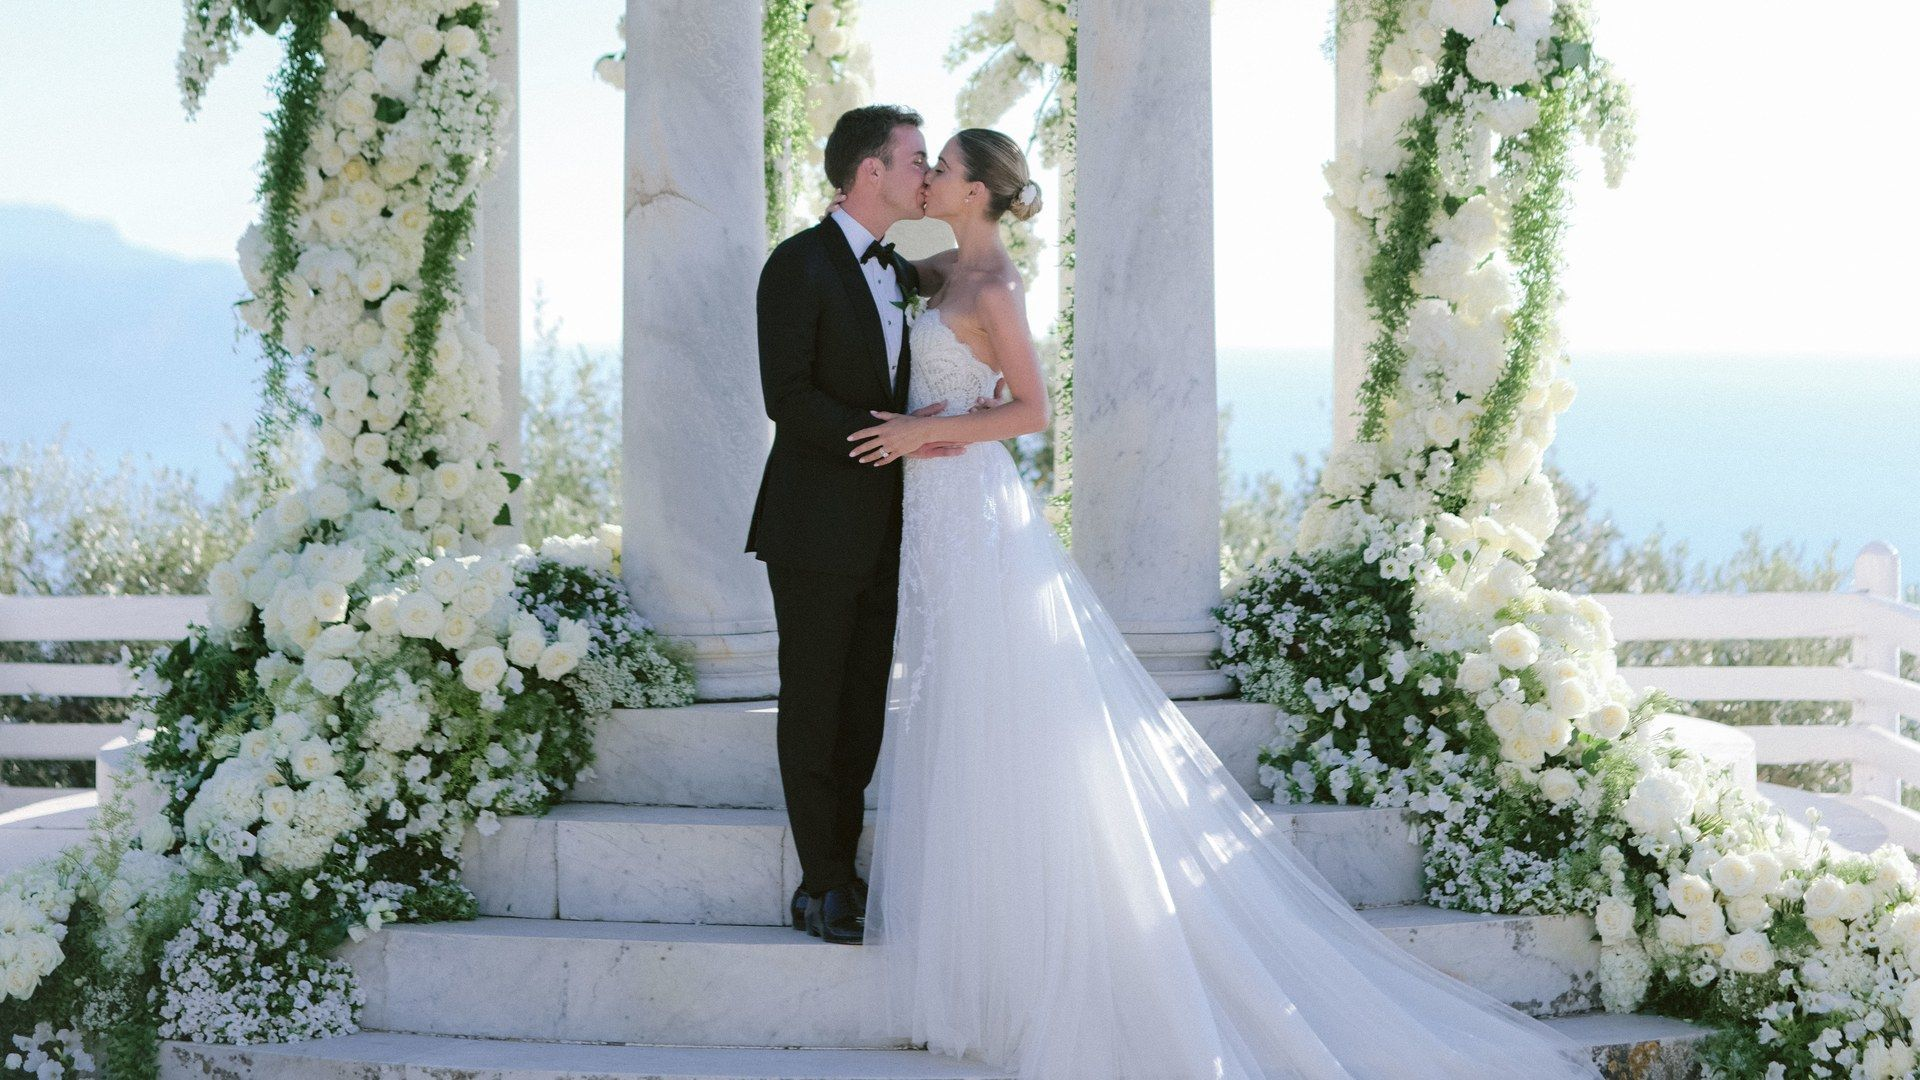 Mario Gotzes Hochzeit Mit Ann Kathrin Sehen Sie Die Exklusiven Fotos Bei Vogue Hochzeit Heiraten Hochzeitstag